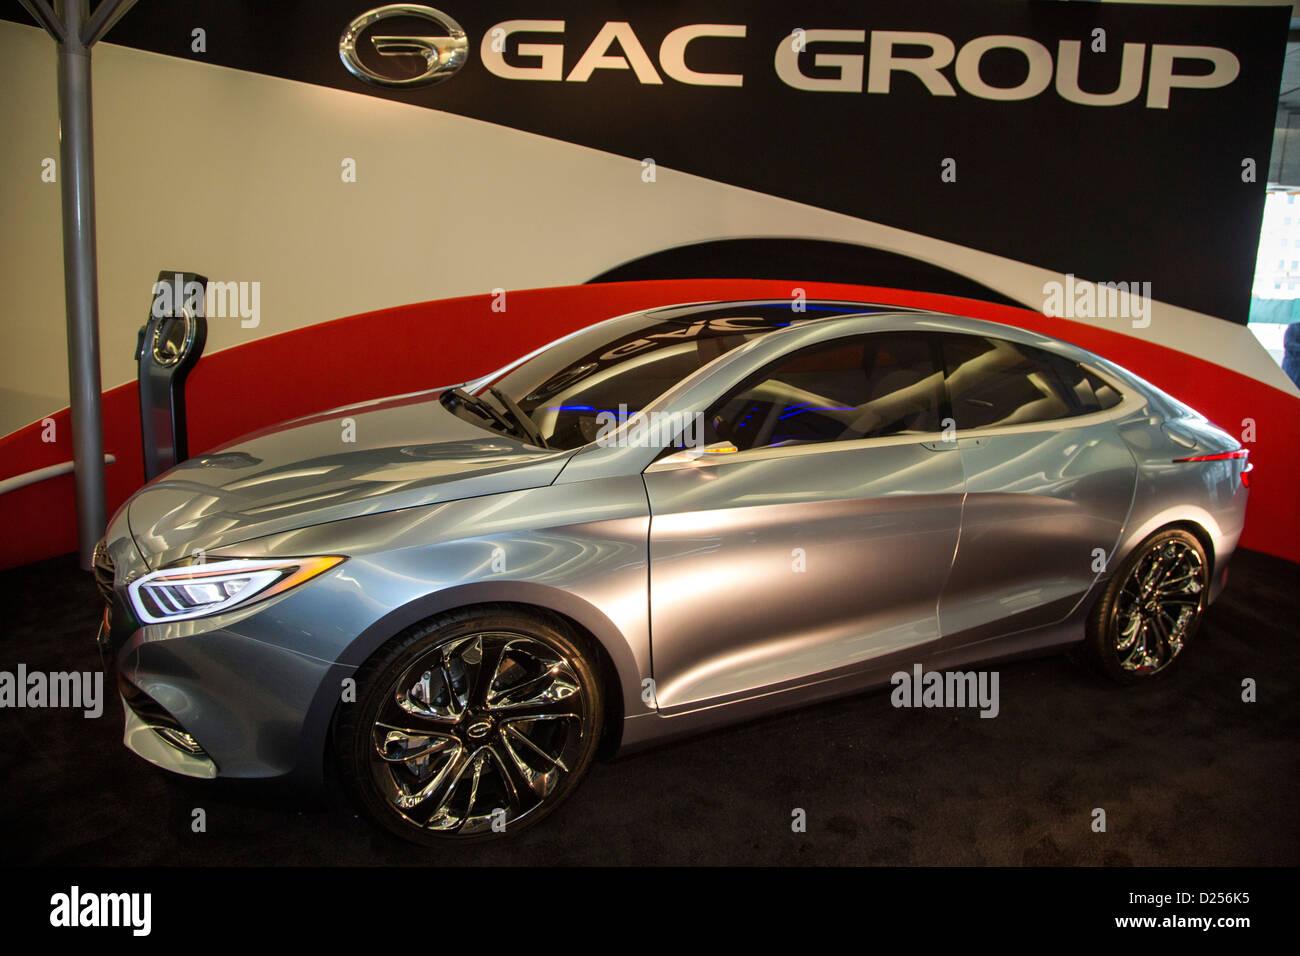 Le Guangzhou Automobile Group's E-jet voiture électrique longue portée sur l'affichage à Photo Stock